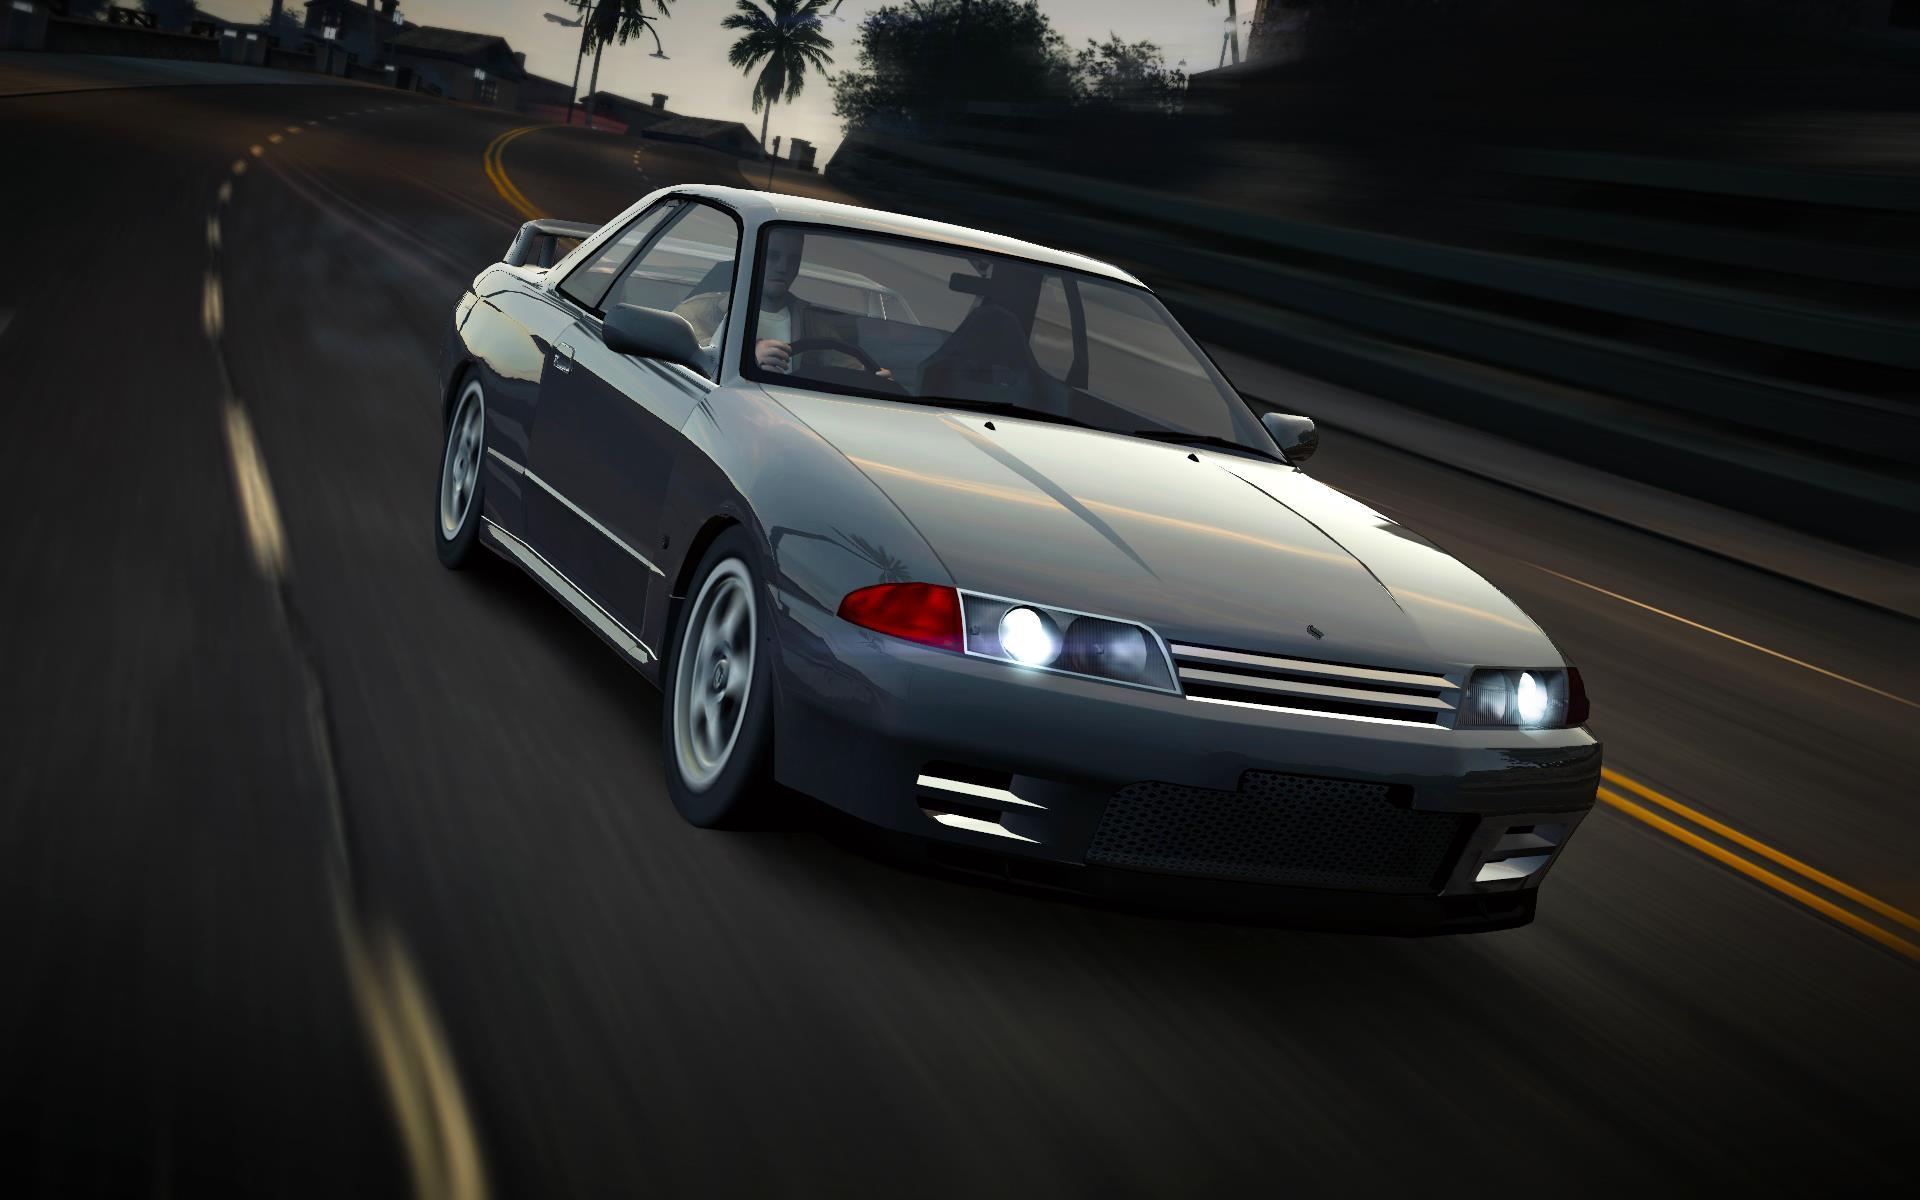 Nissan Skyline GTR R32  NFS World Wiki  Fandom powered by Wikia